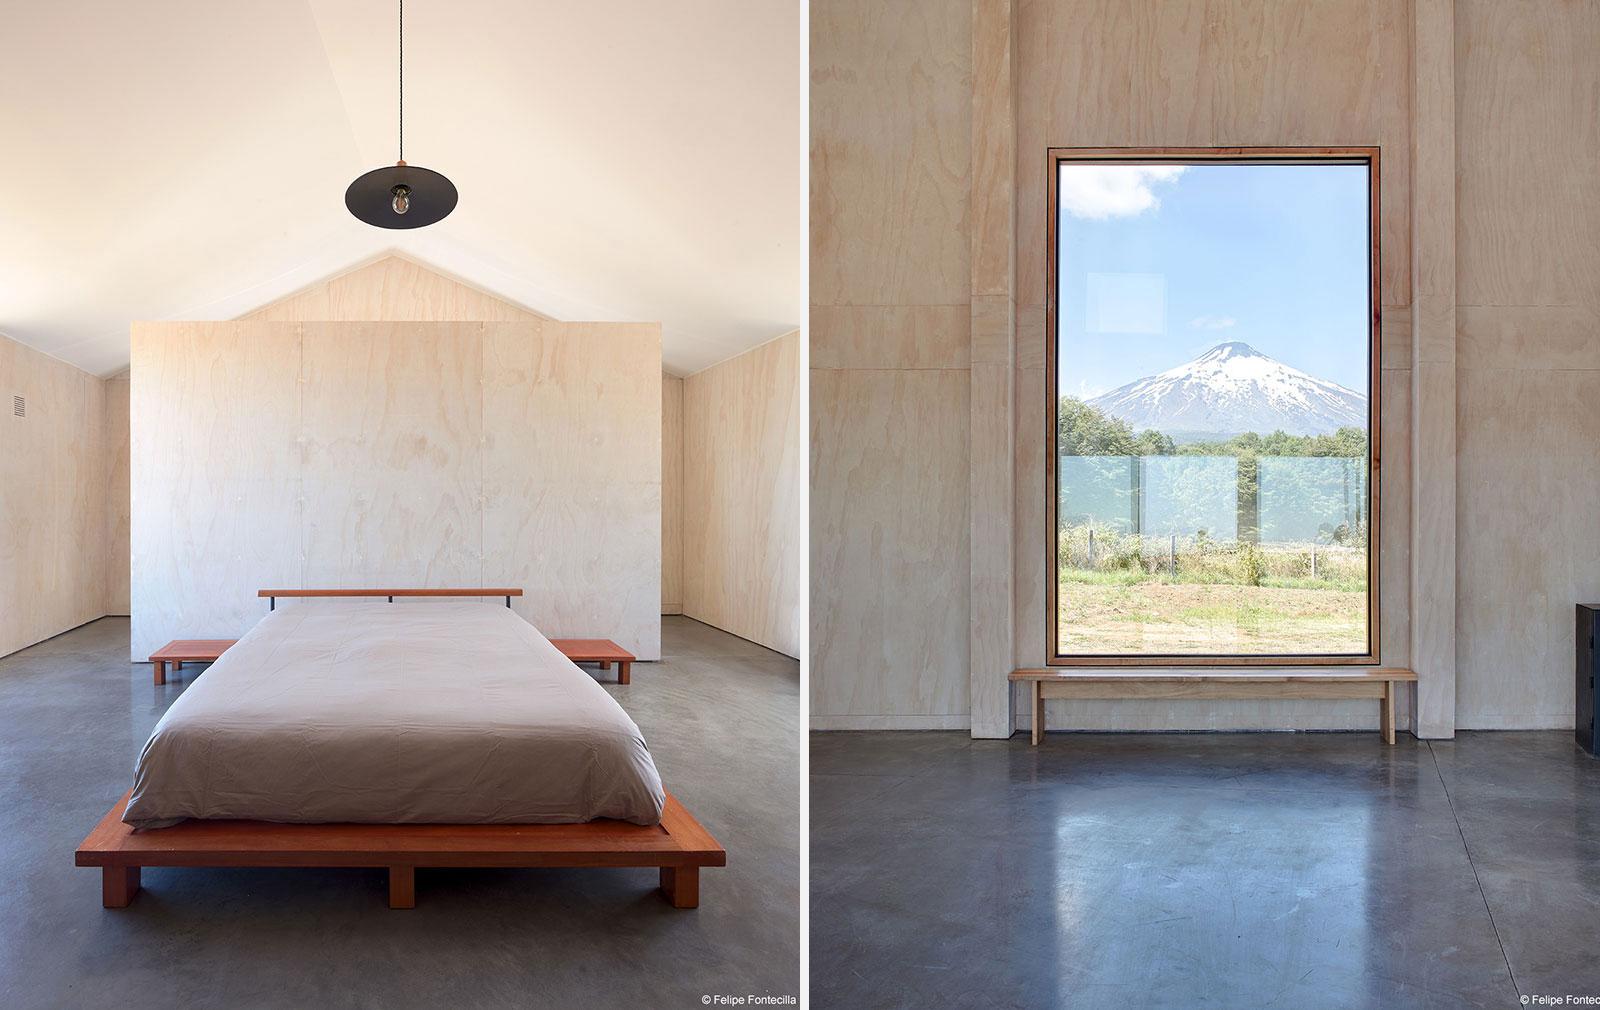 Holiday home in Araucanía, Chile